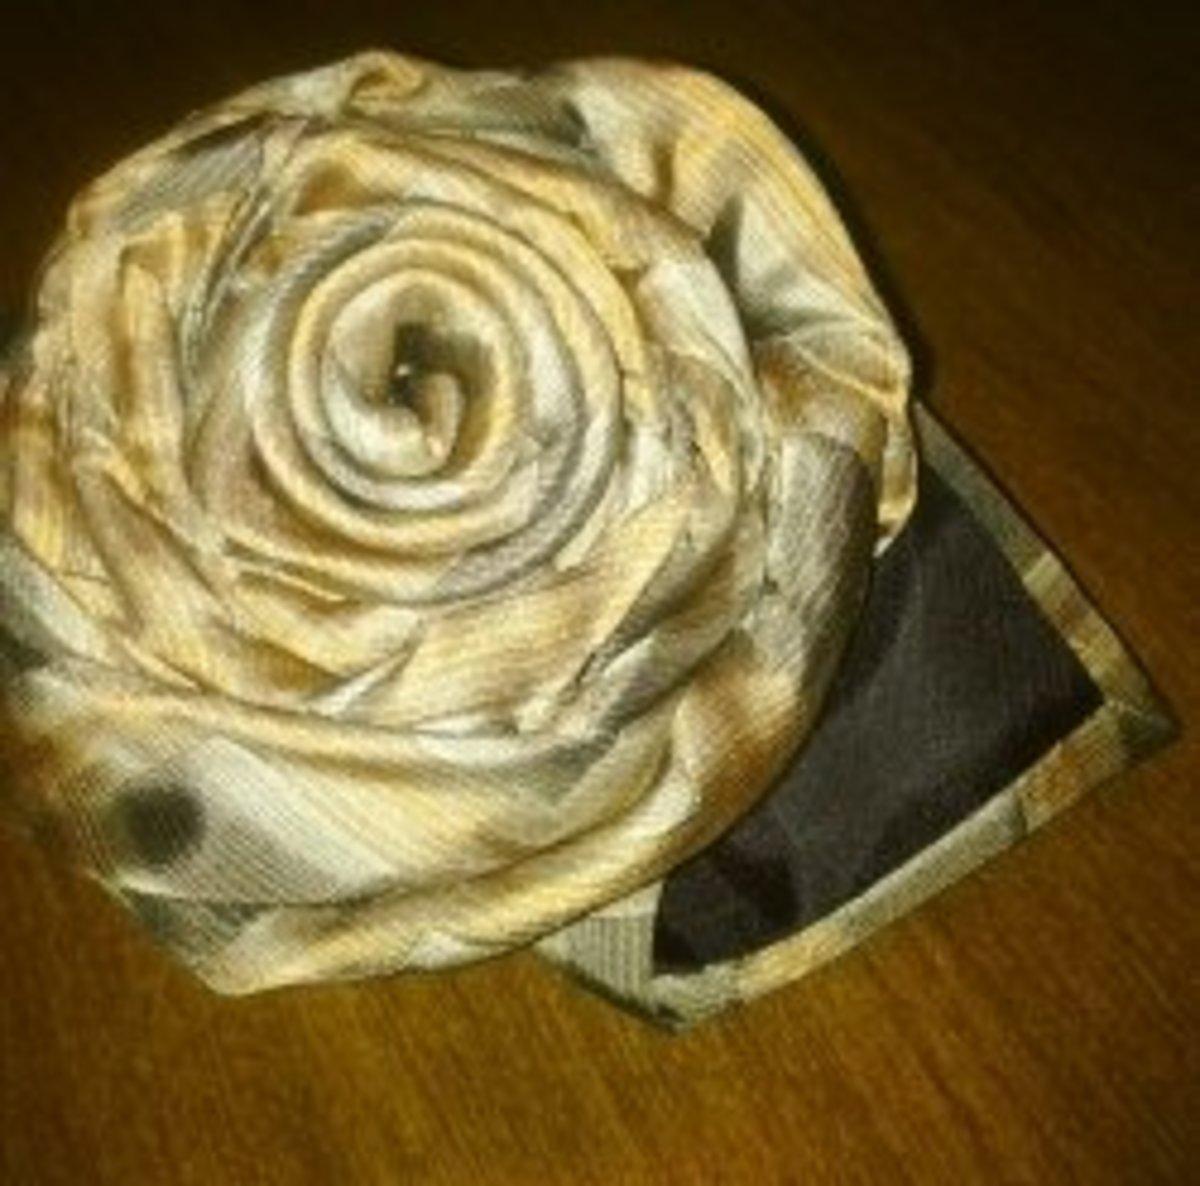 necktie-craft-projects